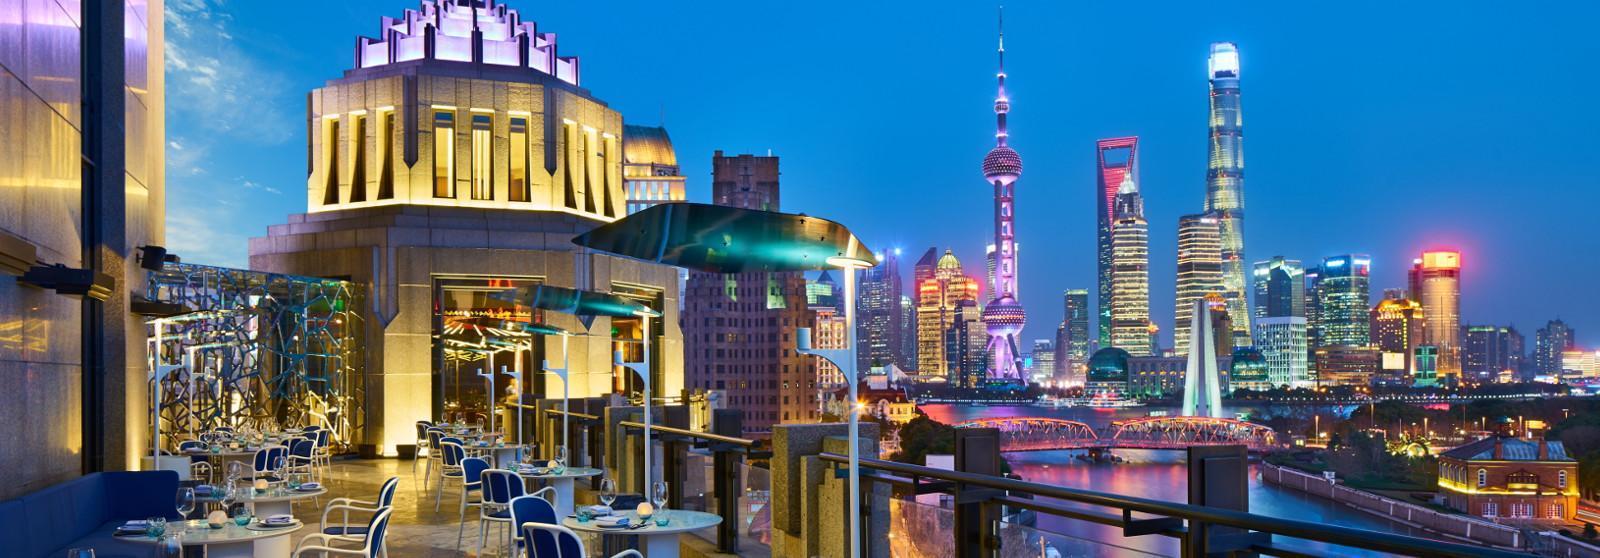 上海苏宁宝丽嘉酒店(Bellagio Shanghai)【 上海,中国】 酒店  www.lhw.cn